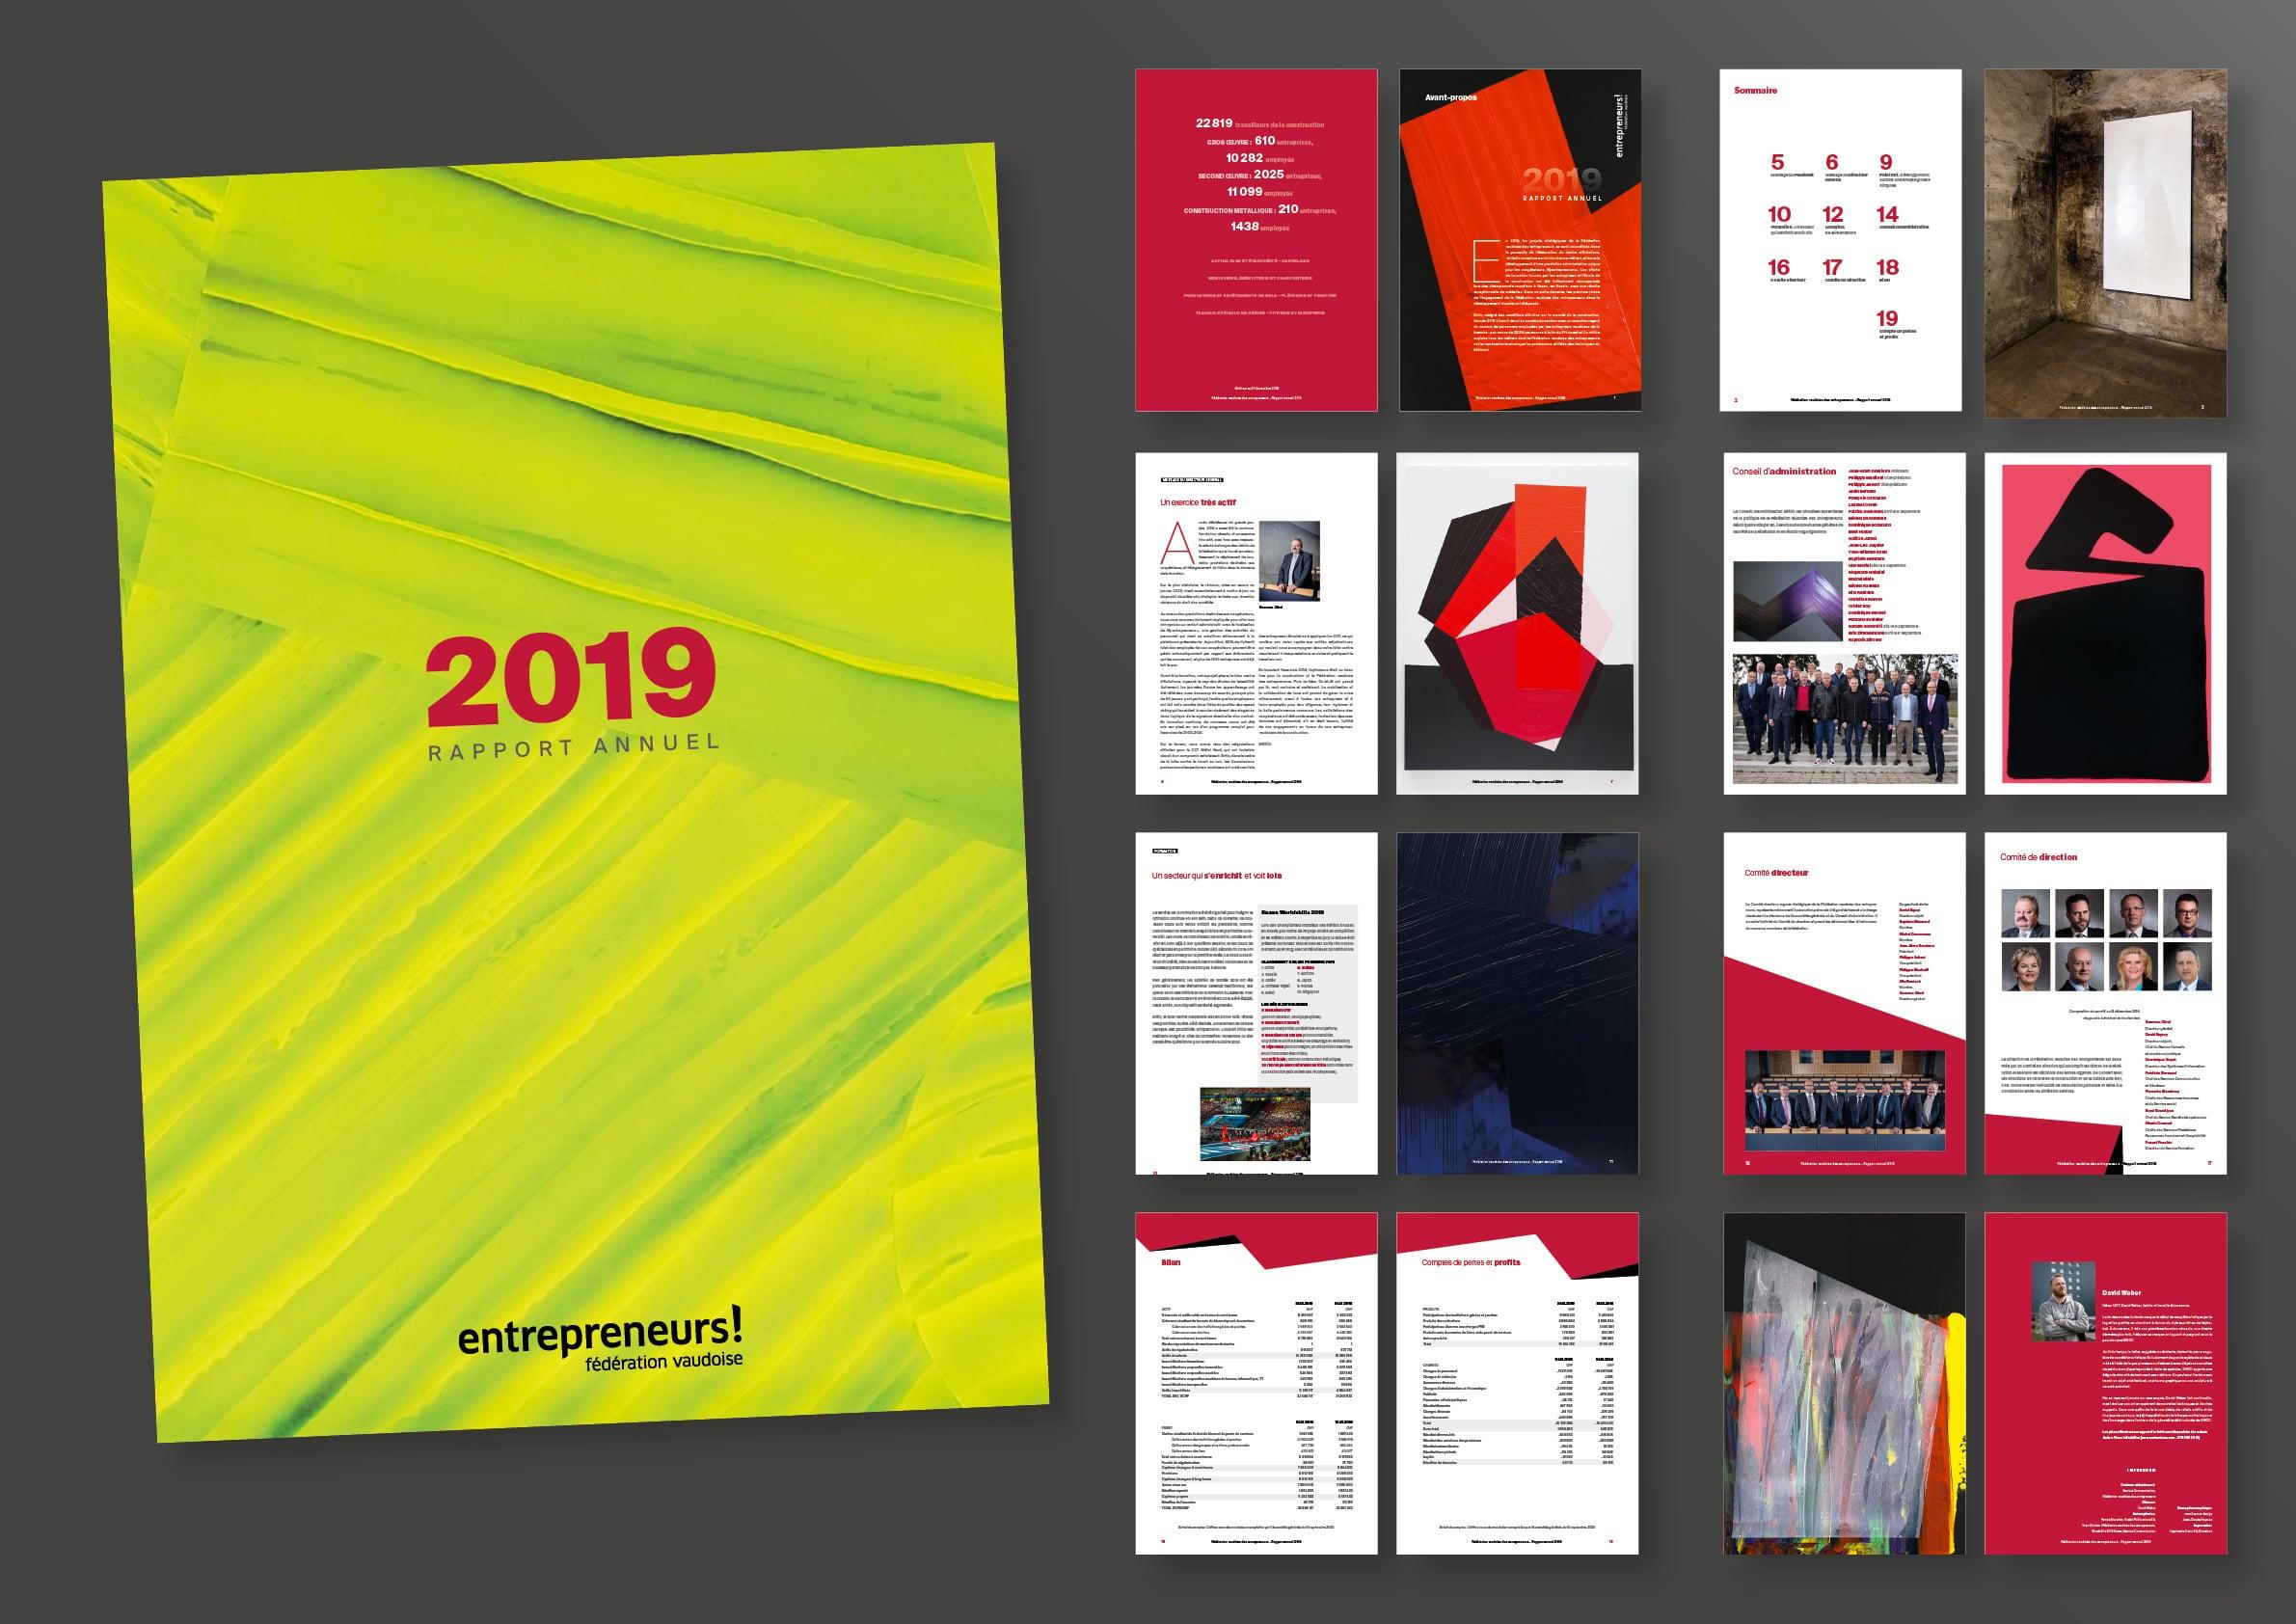 Fédération vaudoise des entrepreneurs - Rapport annuel 2019 @ Haymoz Design, graphiste Lausanne